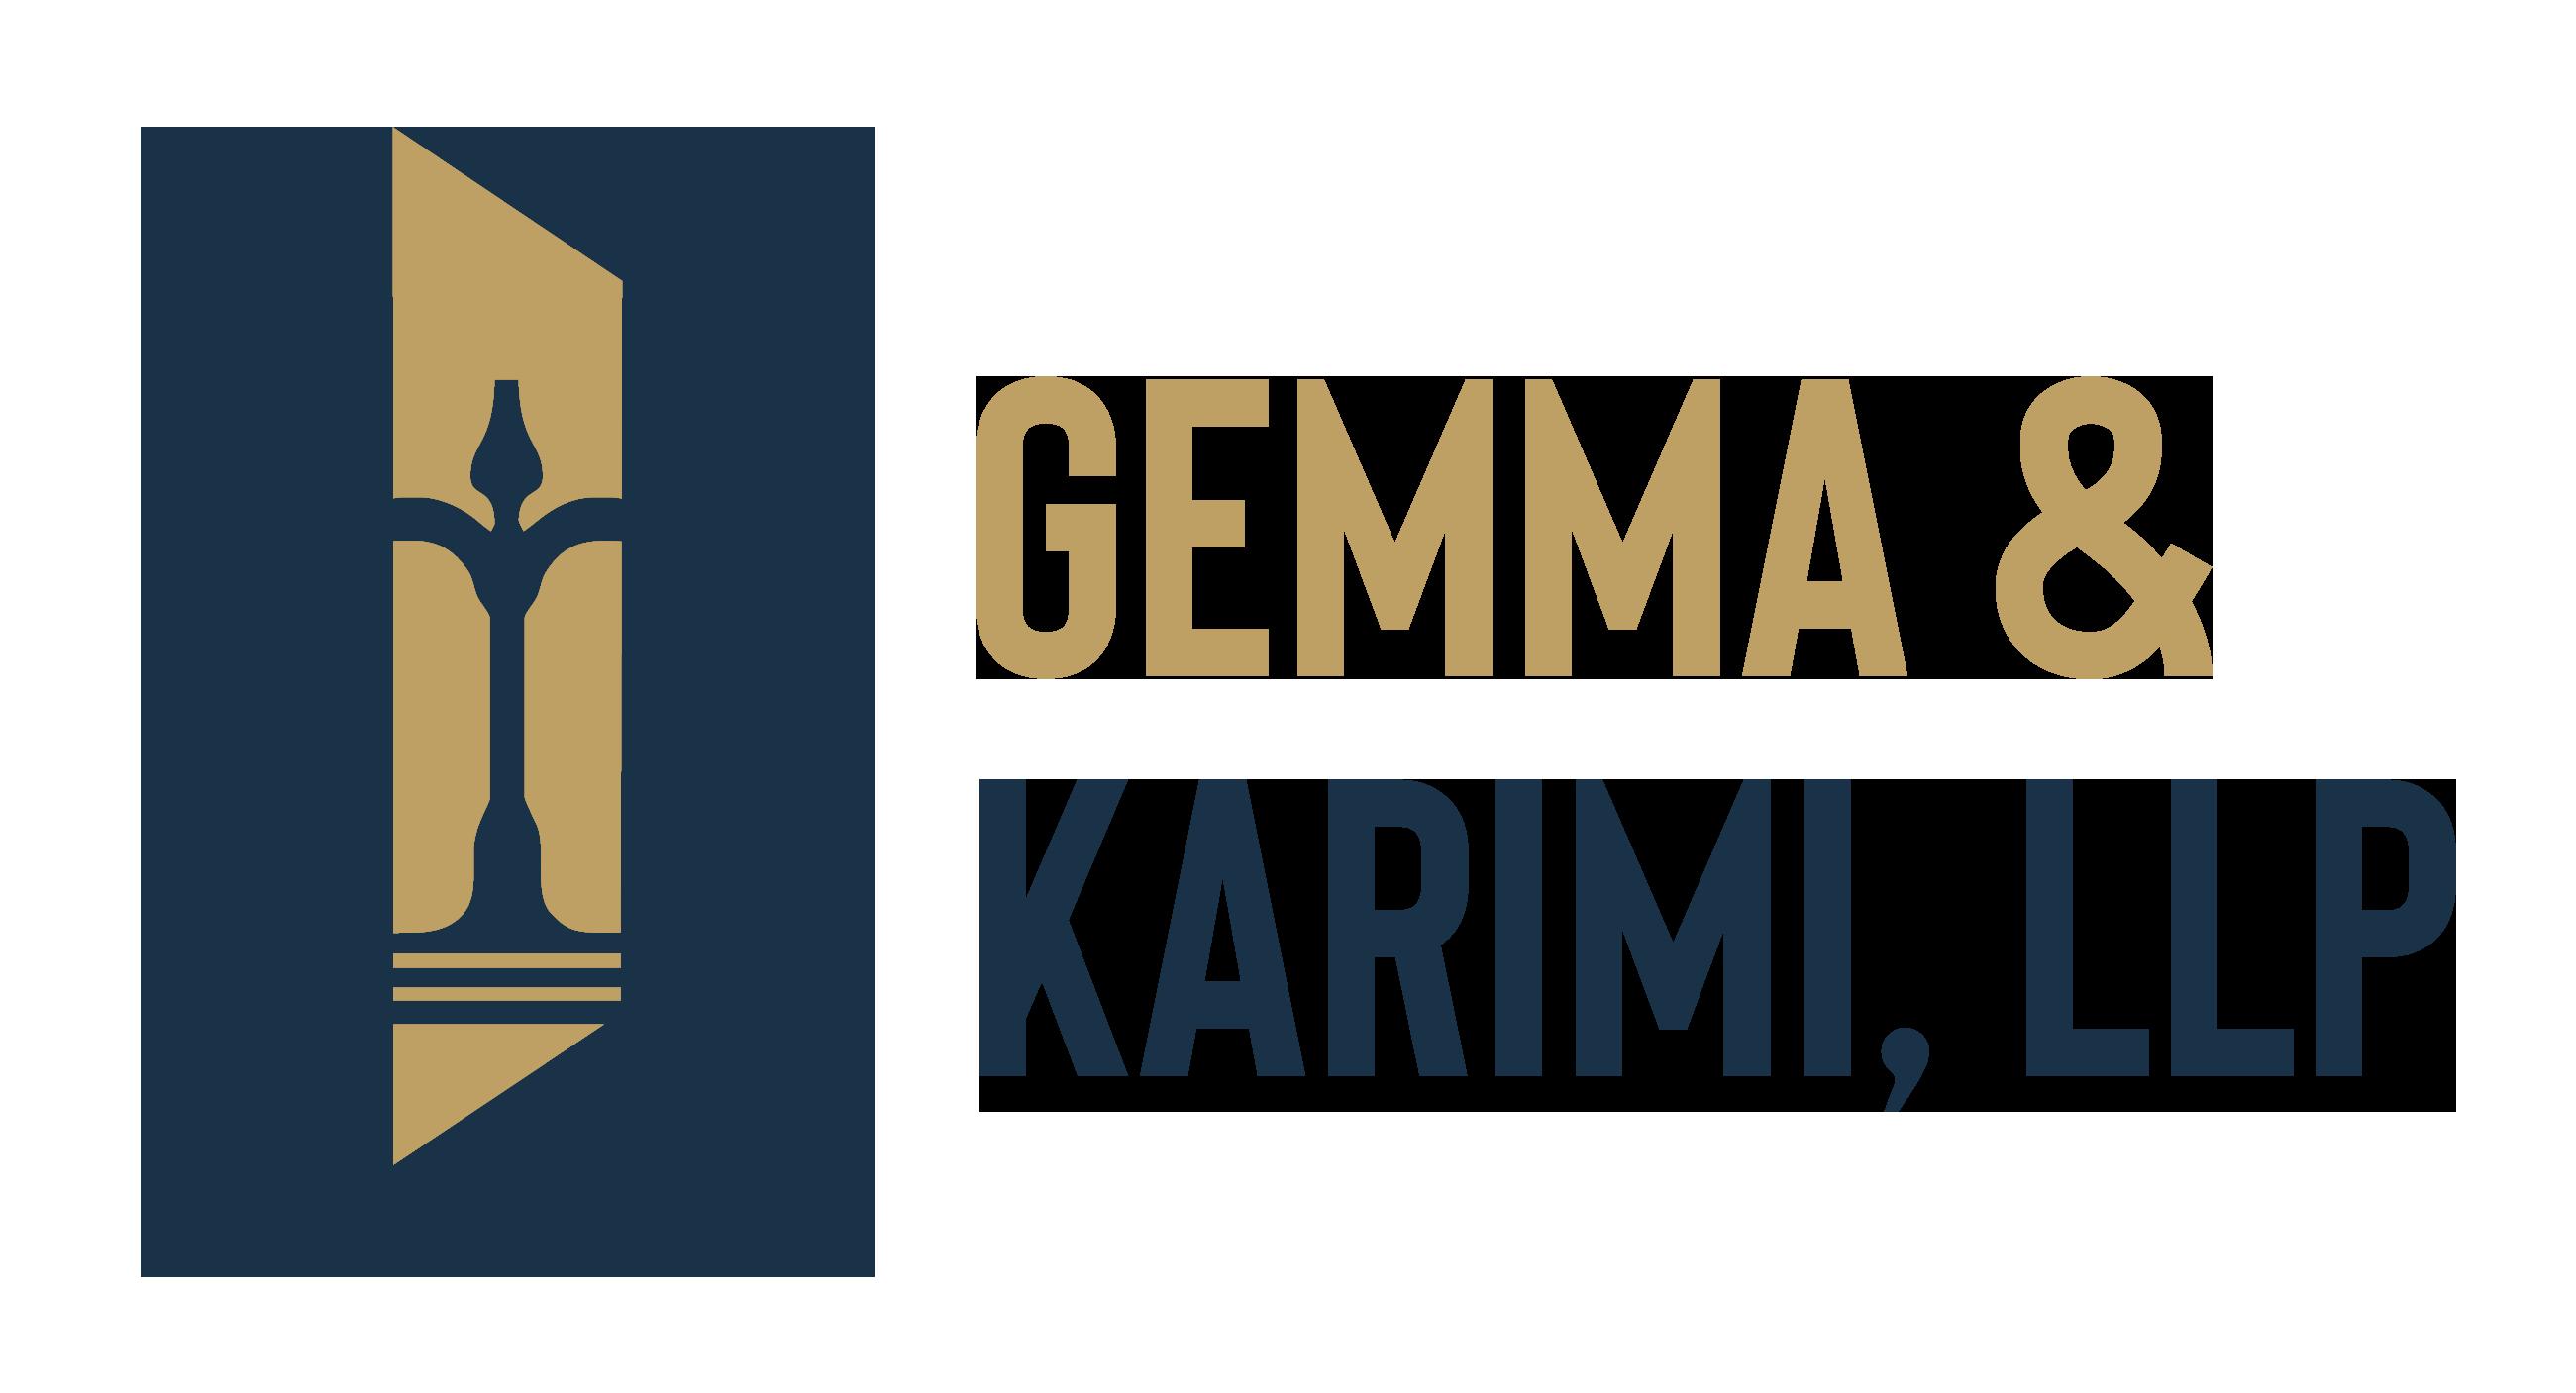 Gemma & Karimi, LLP